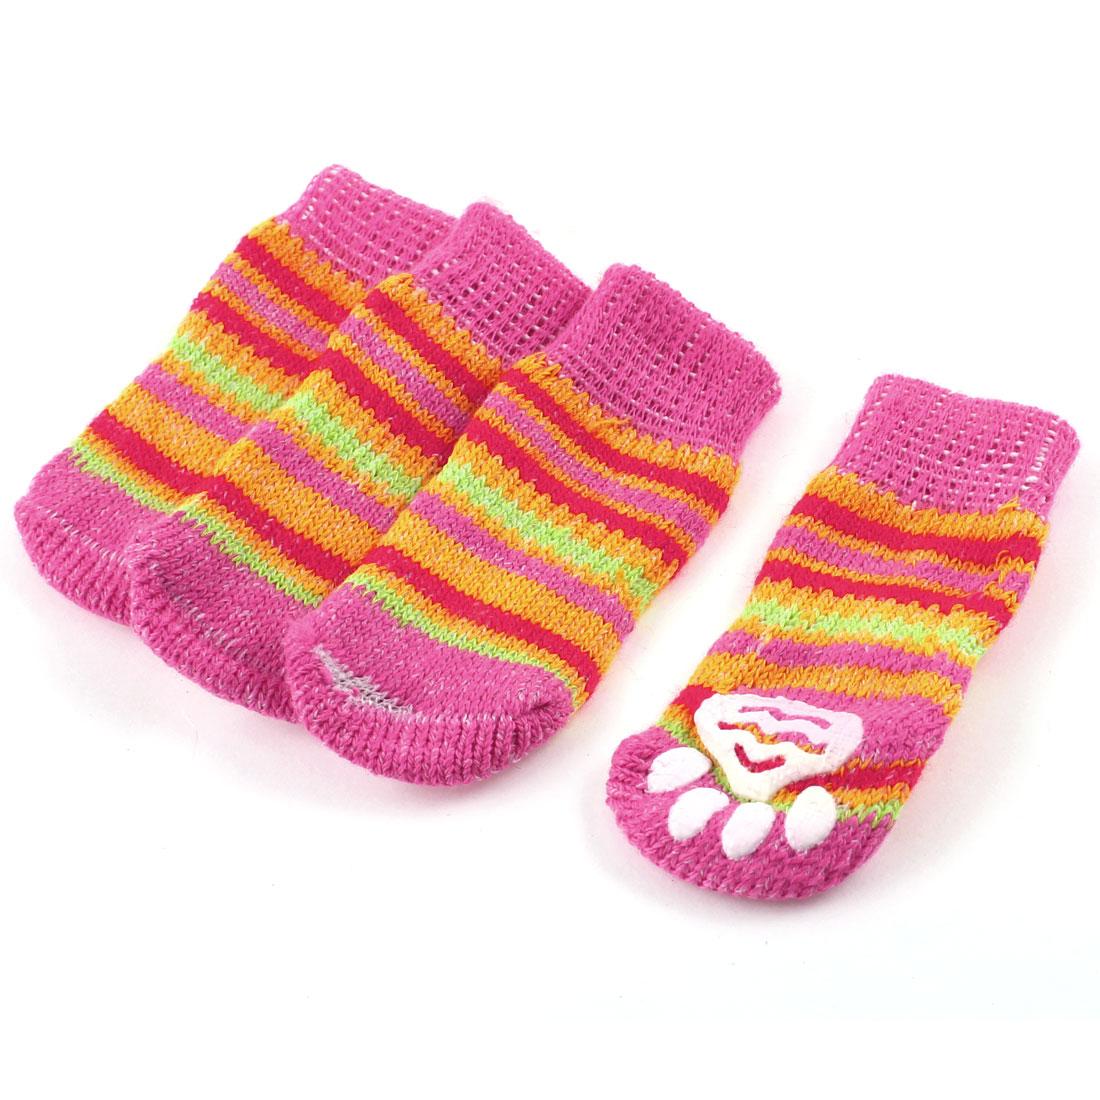 2 Pairs Fuchsia Pinstripe Printed Elastic Cuff Nonslip Pet Dog Yorkie Cat Socks